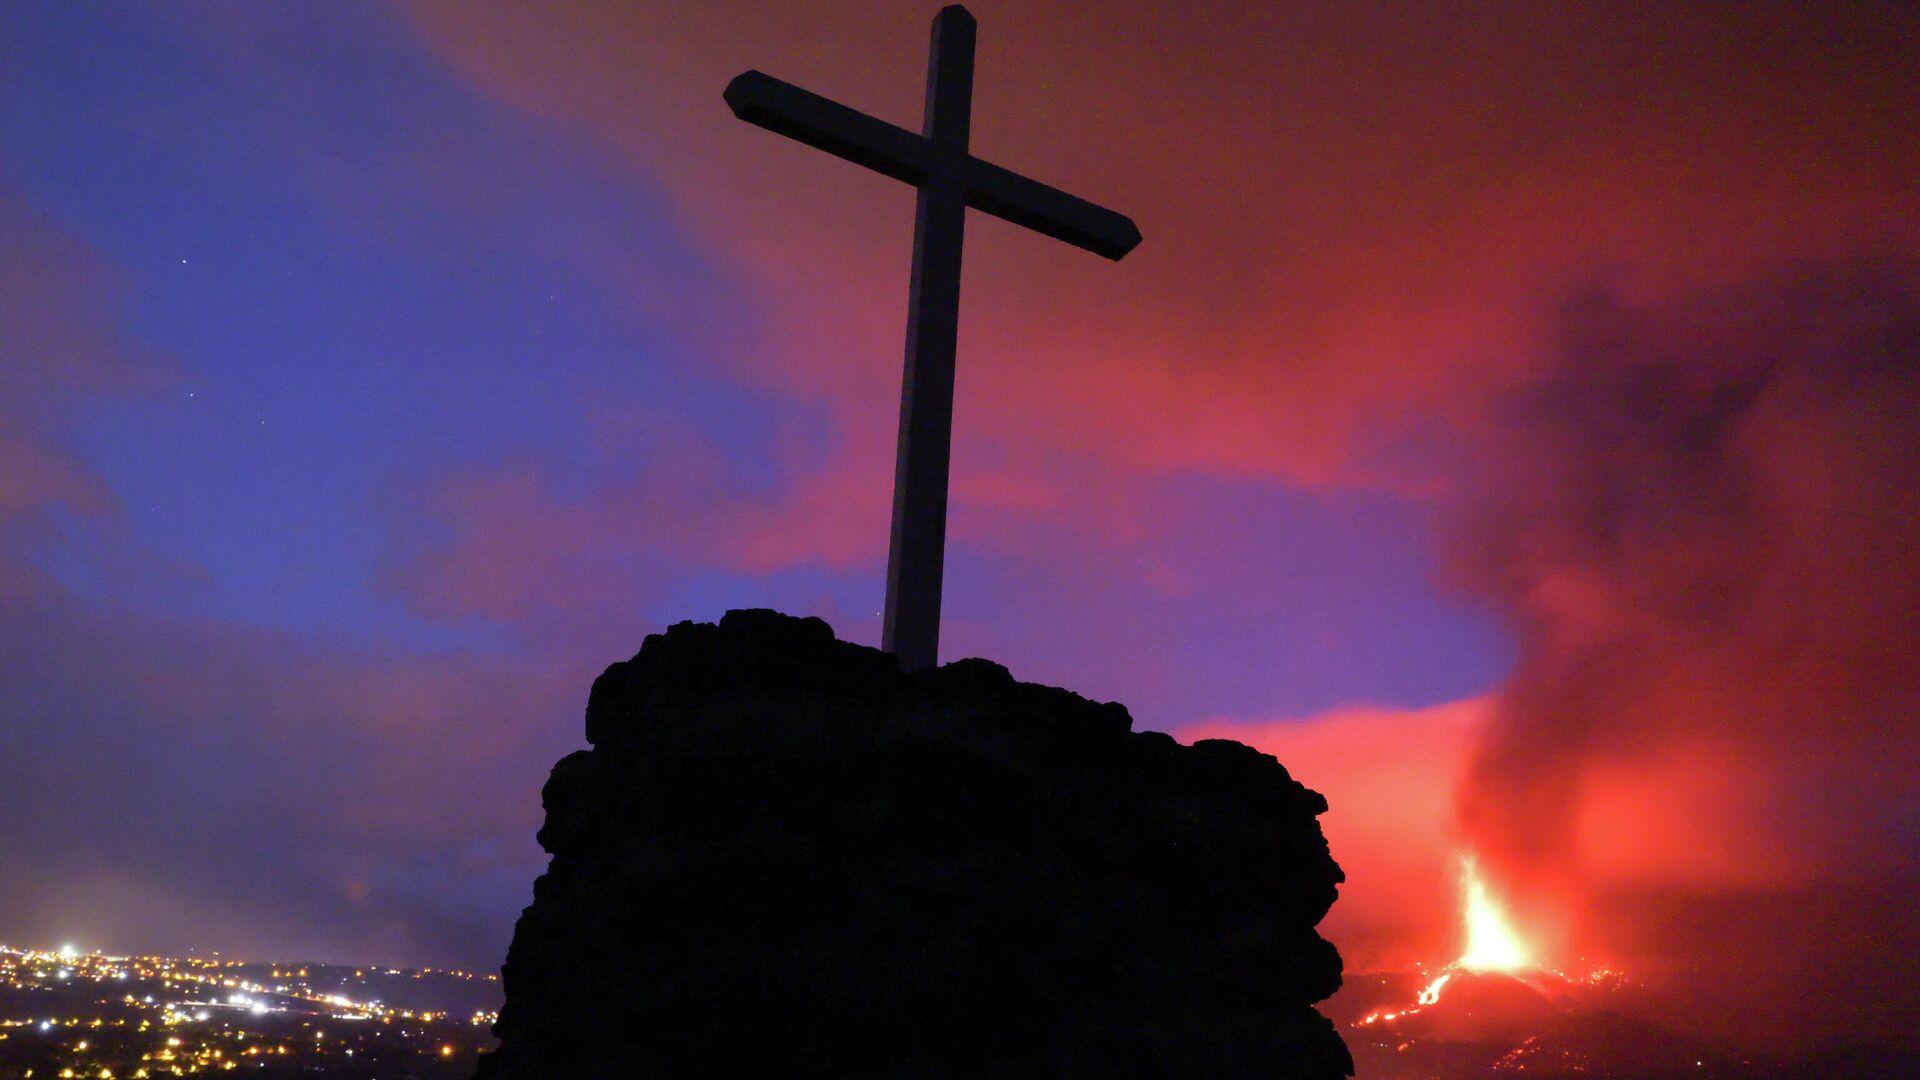 La erupción del volcán en La Palma, en Las Islas Canarias - Sputnik Mundo, 1920, 22.09.2021